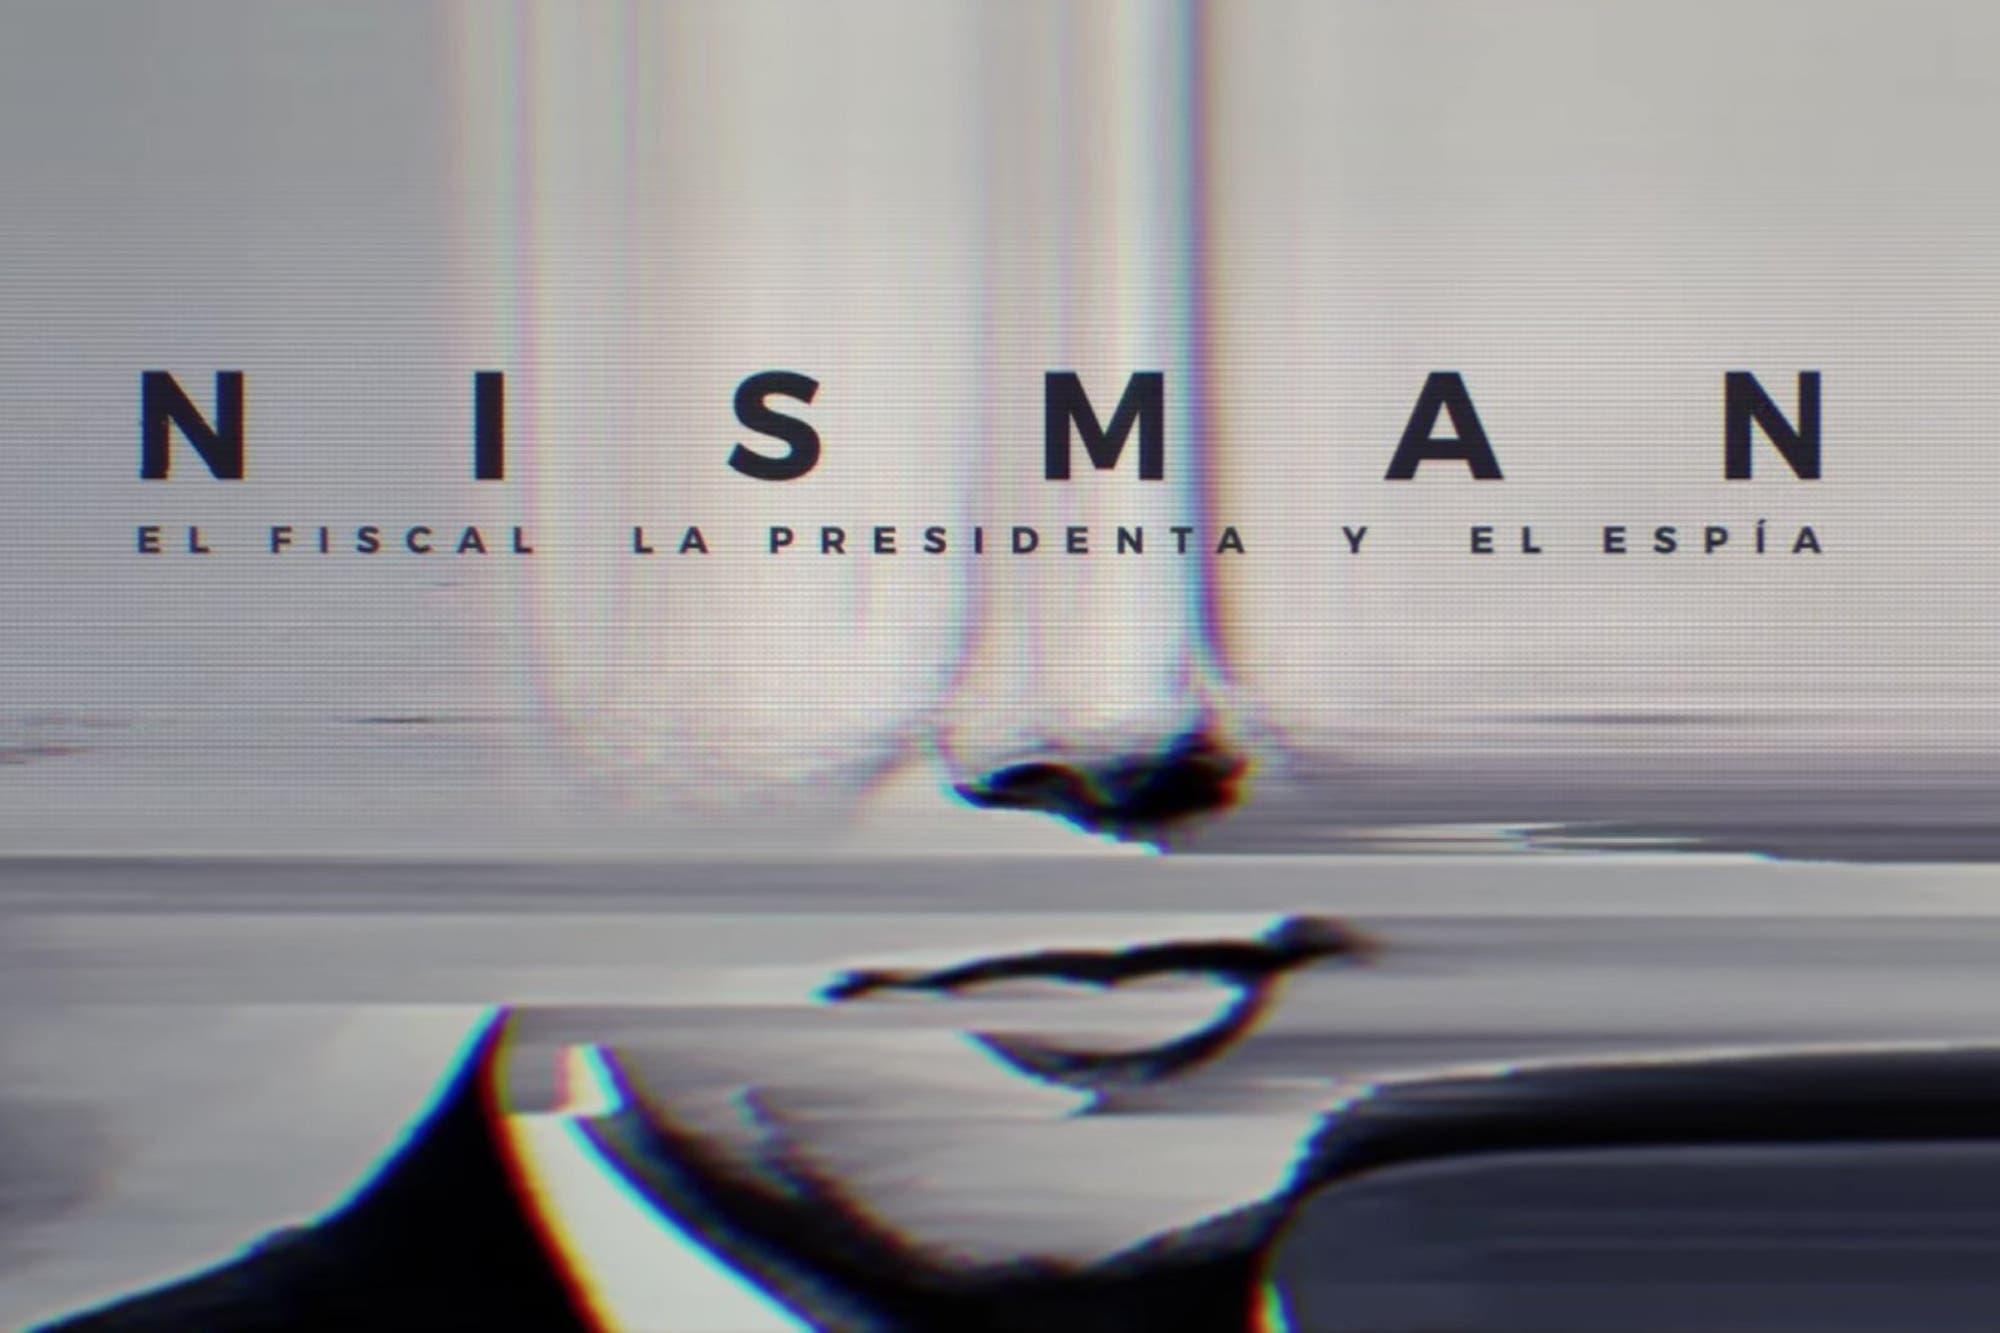 Cristina Kirchner se refirió por primera vez a la serie documental de Netflix sobre el caso Nisman